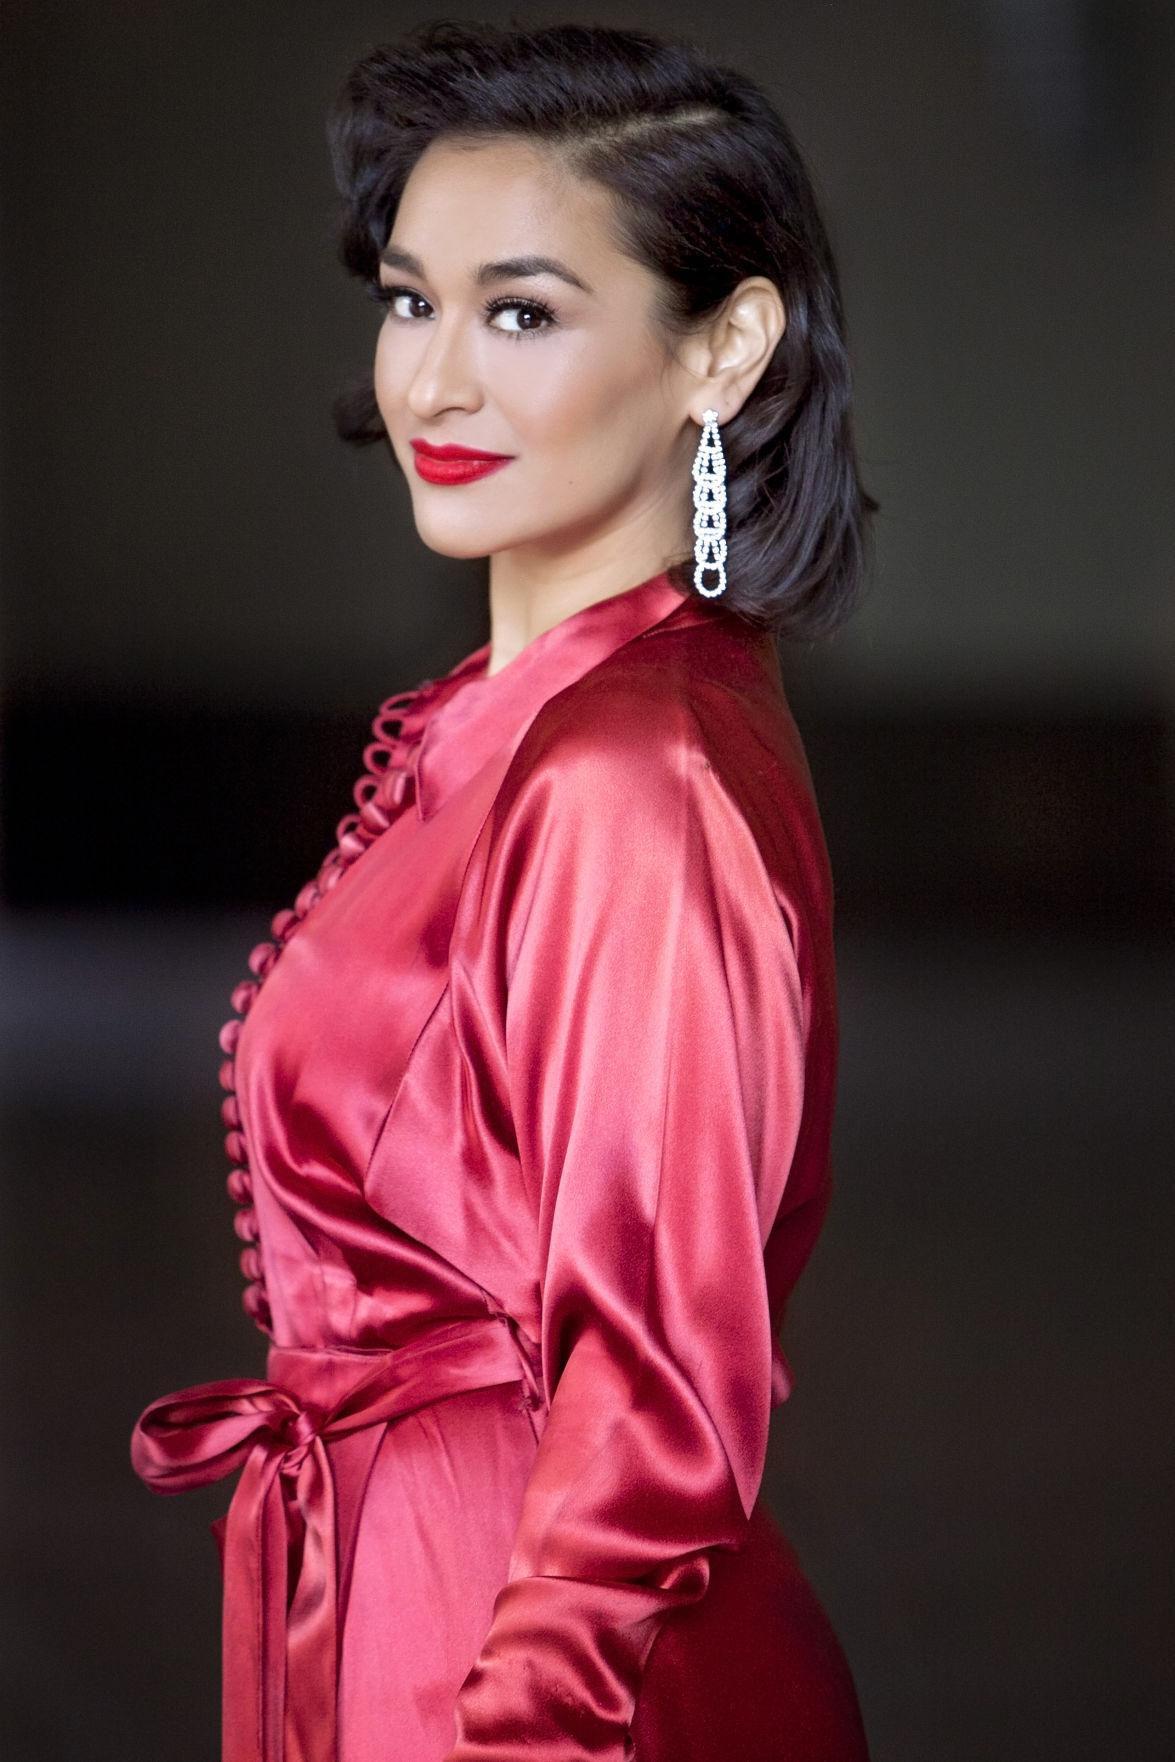 Cecilia Violetta Lopez